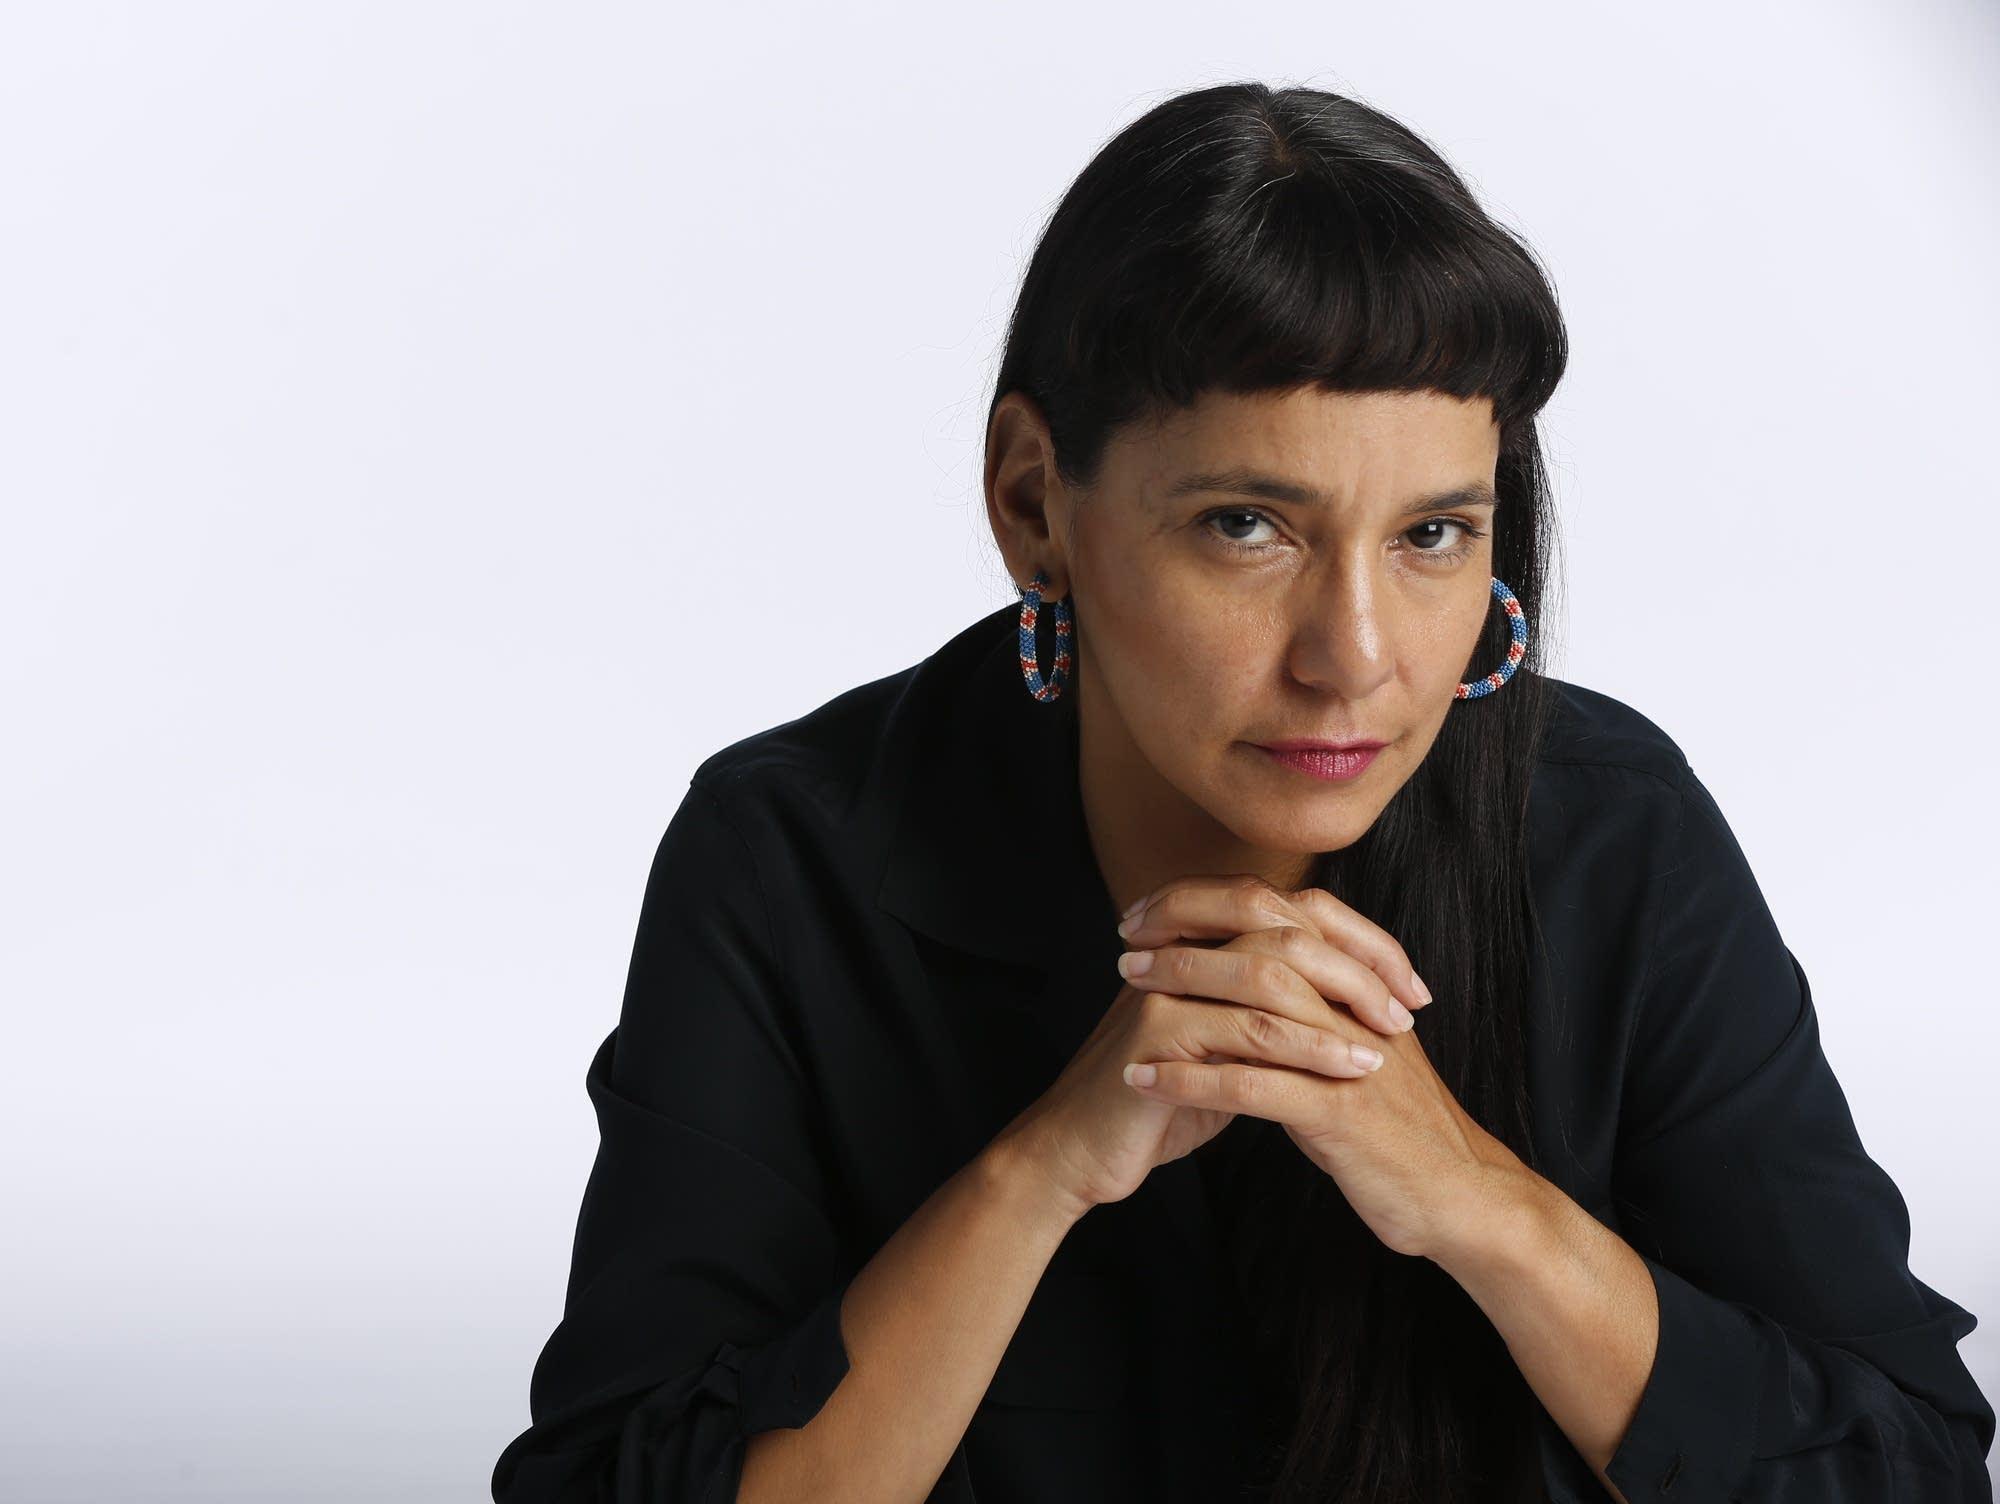 Choreographer Rosy Simas